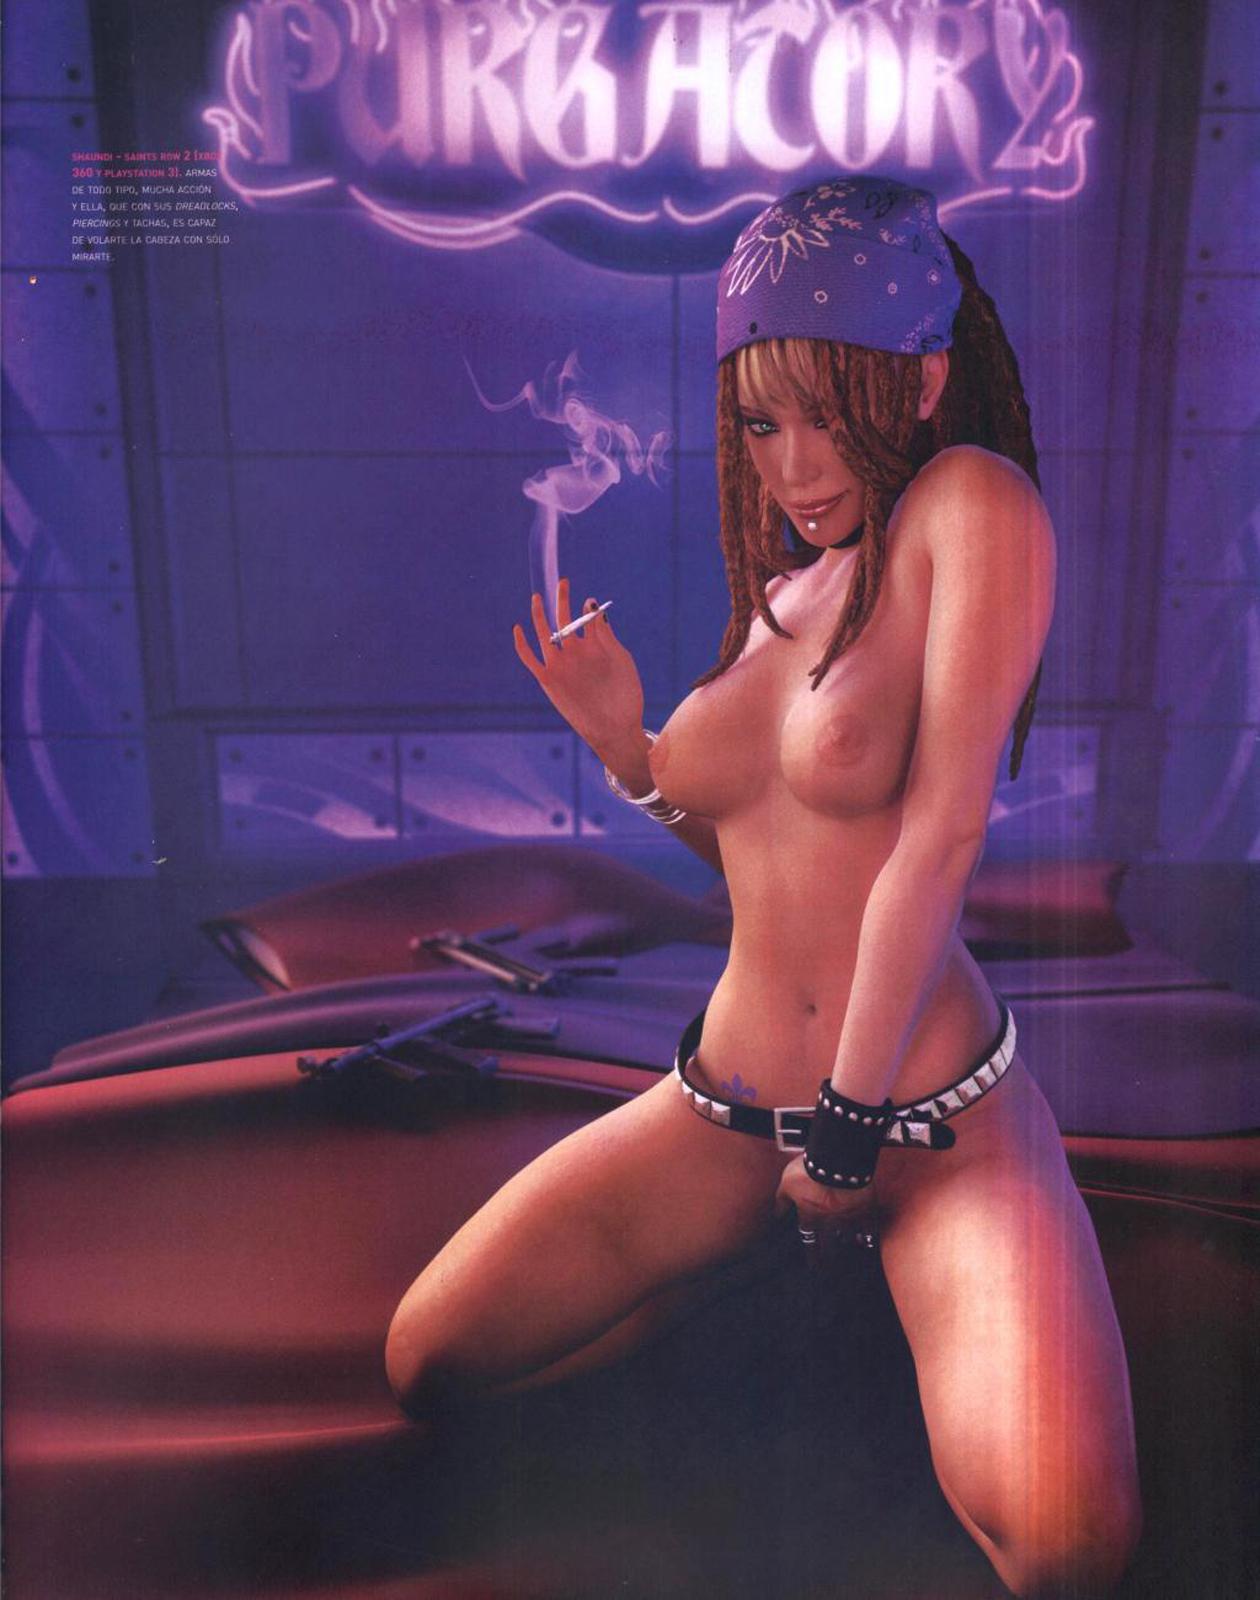 http://4.bp.blogspot.com/-tKL4_XDSFX0/Tg-Nh5YuWVI/AAAAAAAAAeA/lzAg73UwAXg/s1600/saints_row_4.jpg